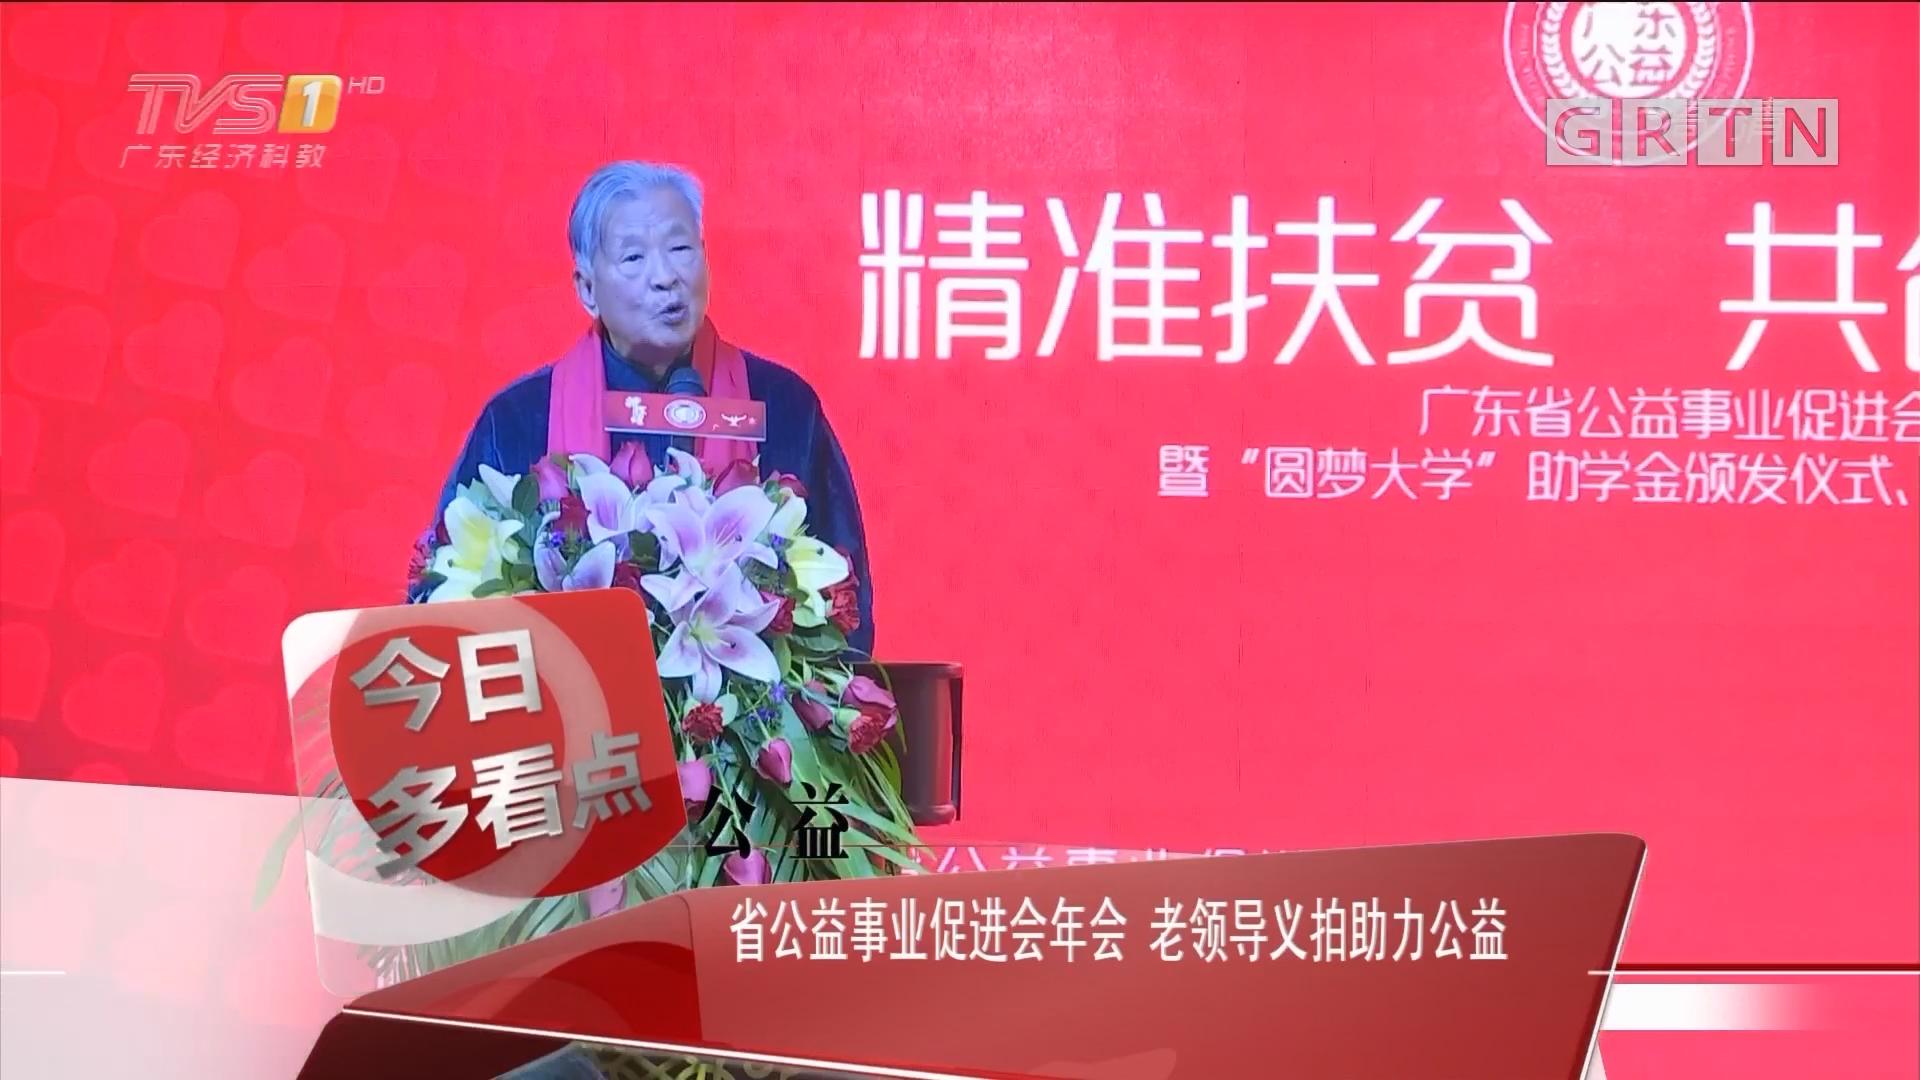 公益:省公益事业促进会年会 老领导义拍助力公益